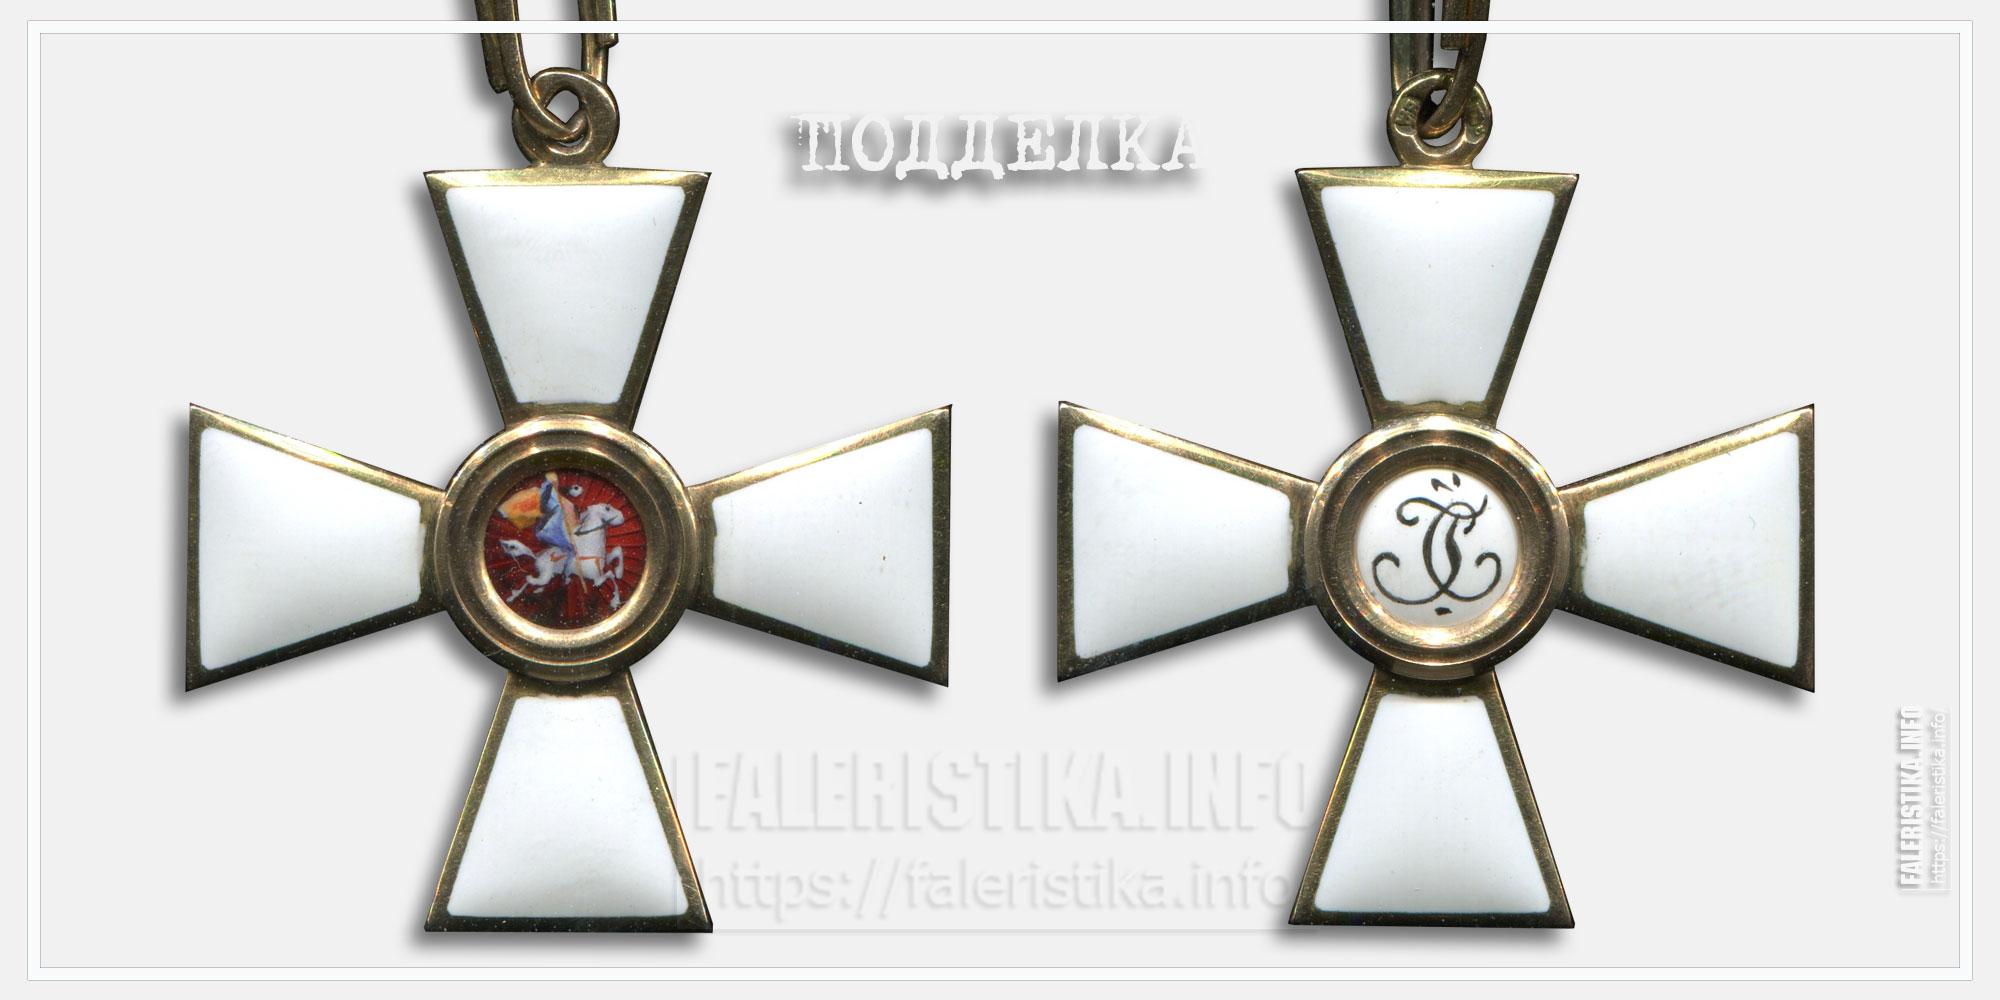 Крест ордена Святого Георгия 4 ст. Подделка